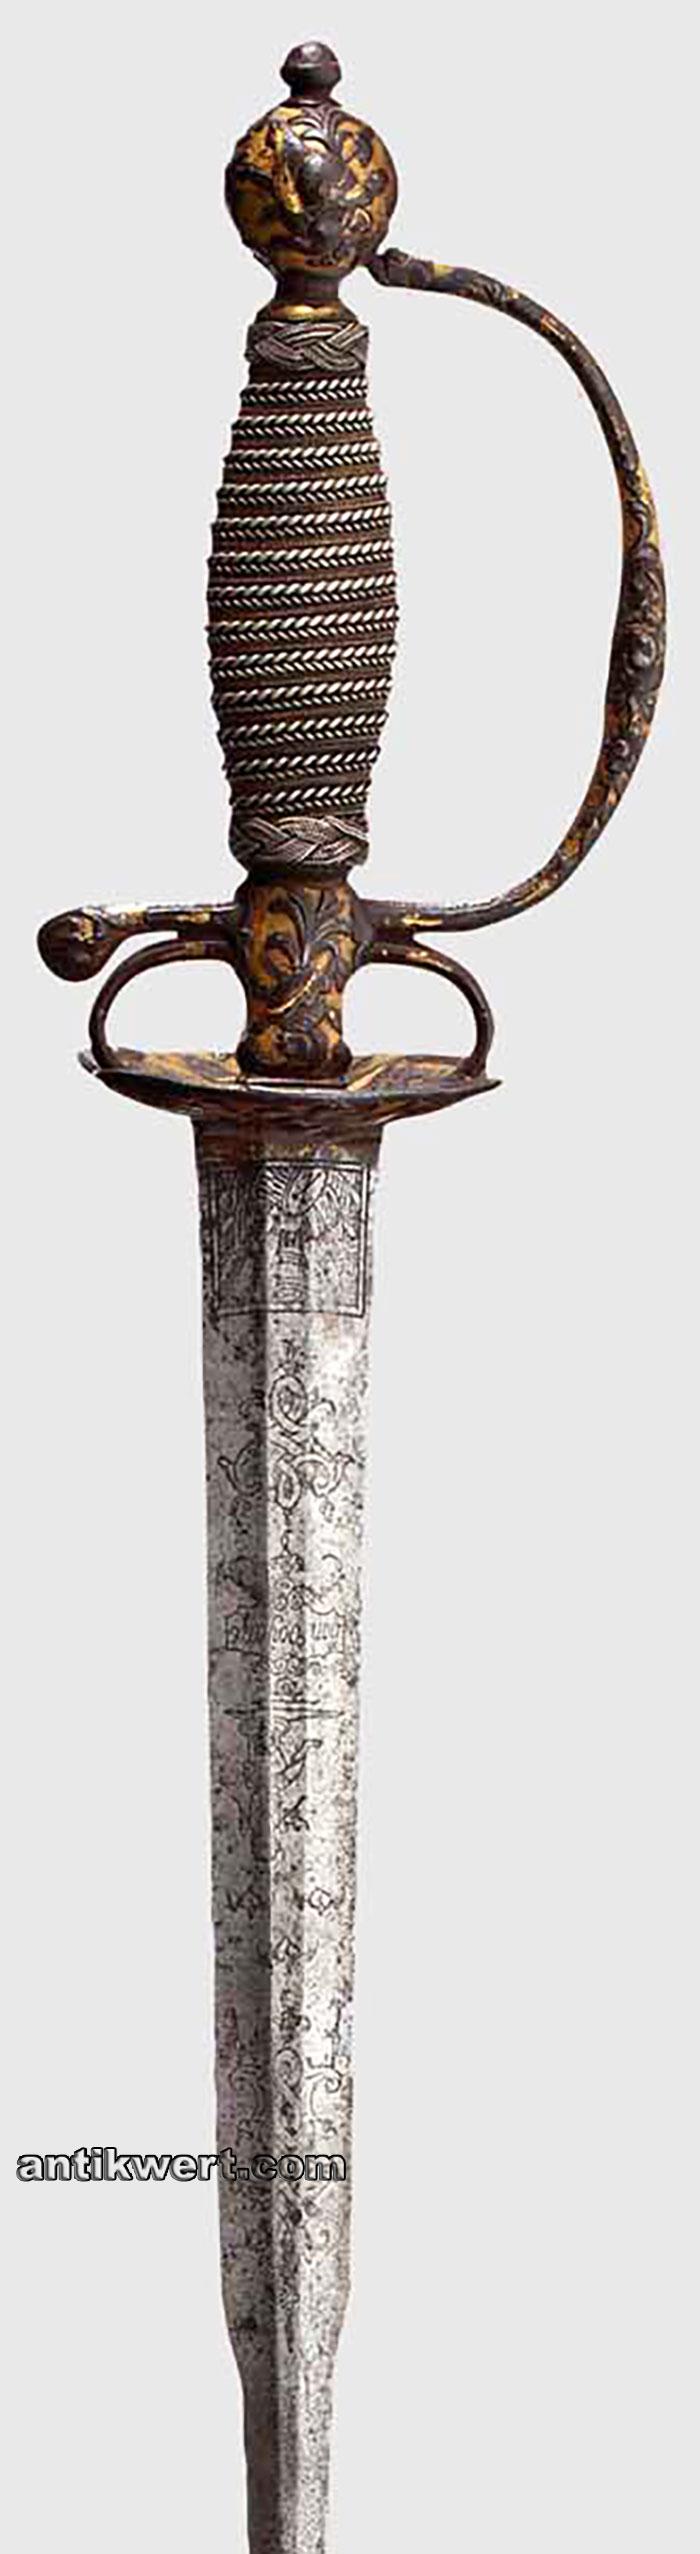 galadegen-vergoldet-751 Details vom Eisenschnitt